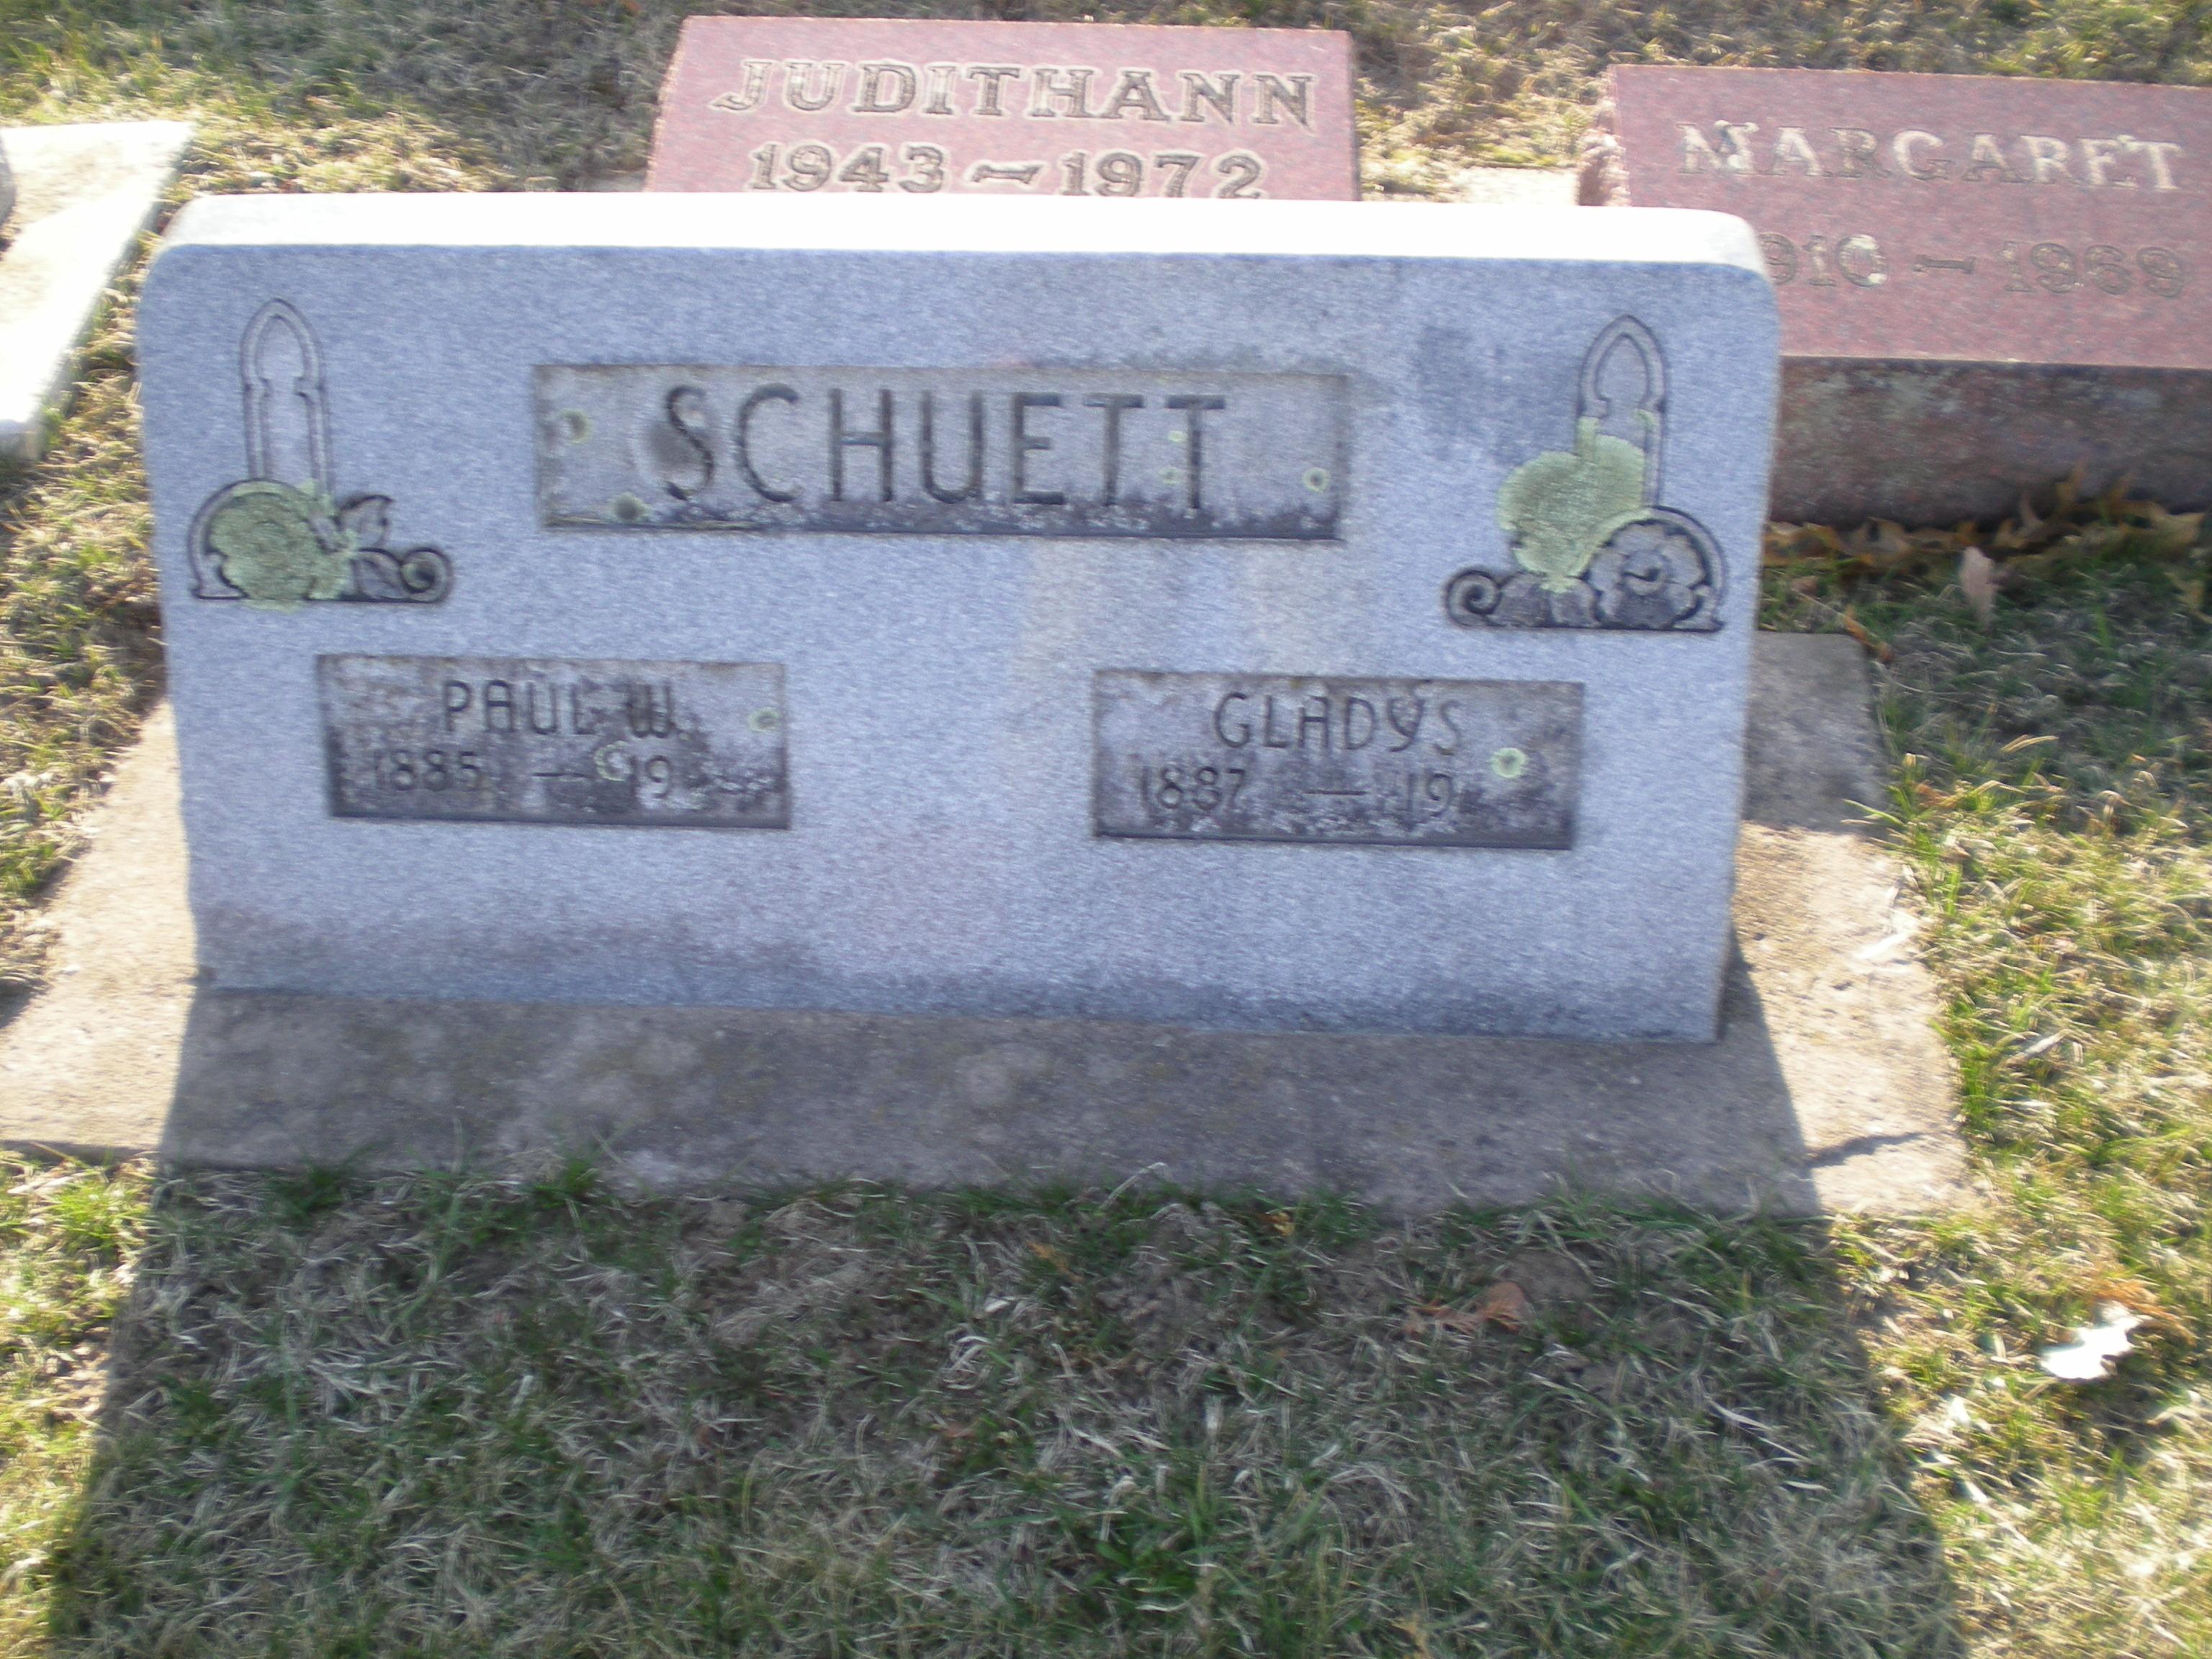 Paul Schuett